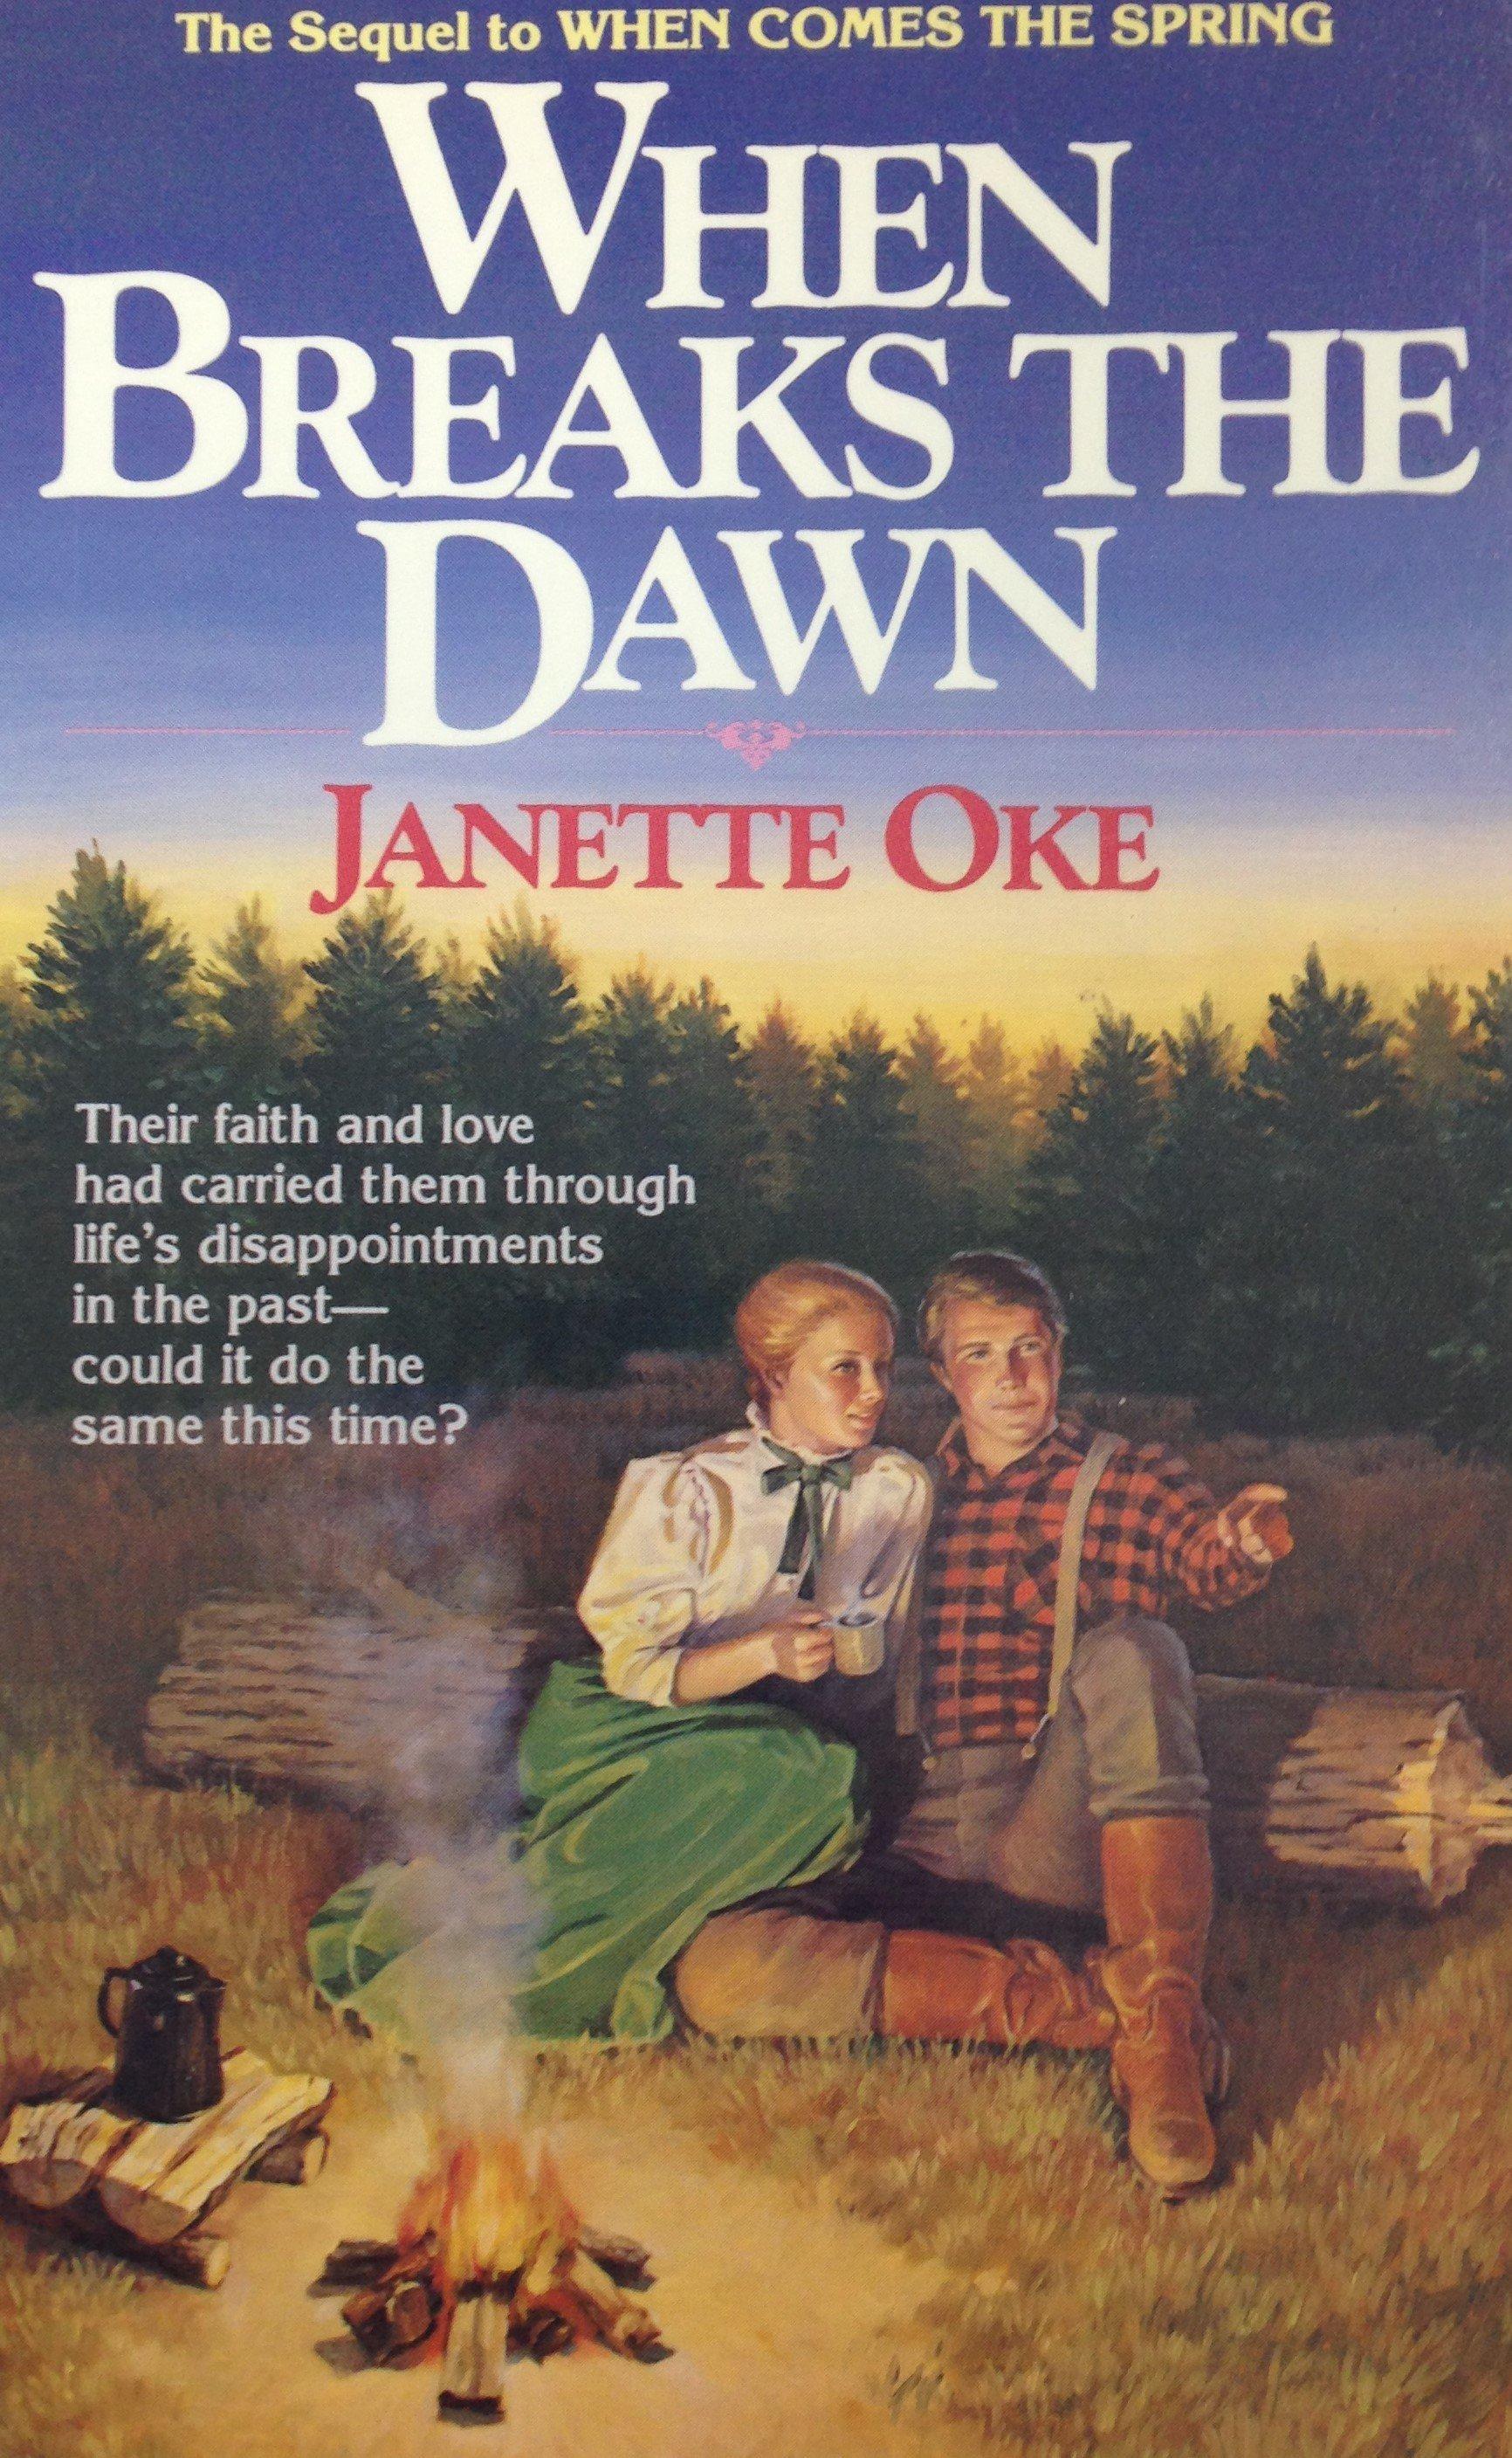 When Breaks the Dawn by Janette Oke 00123